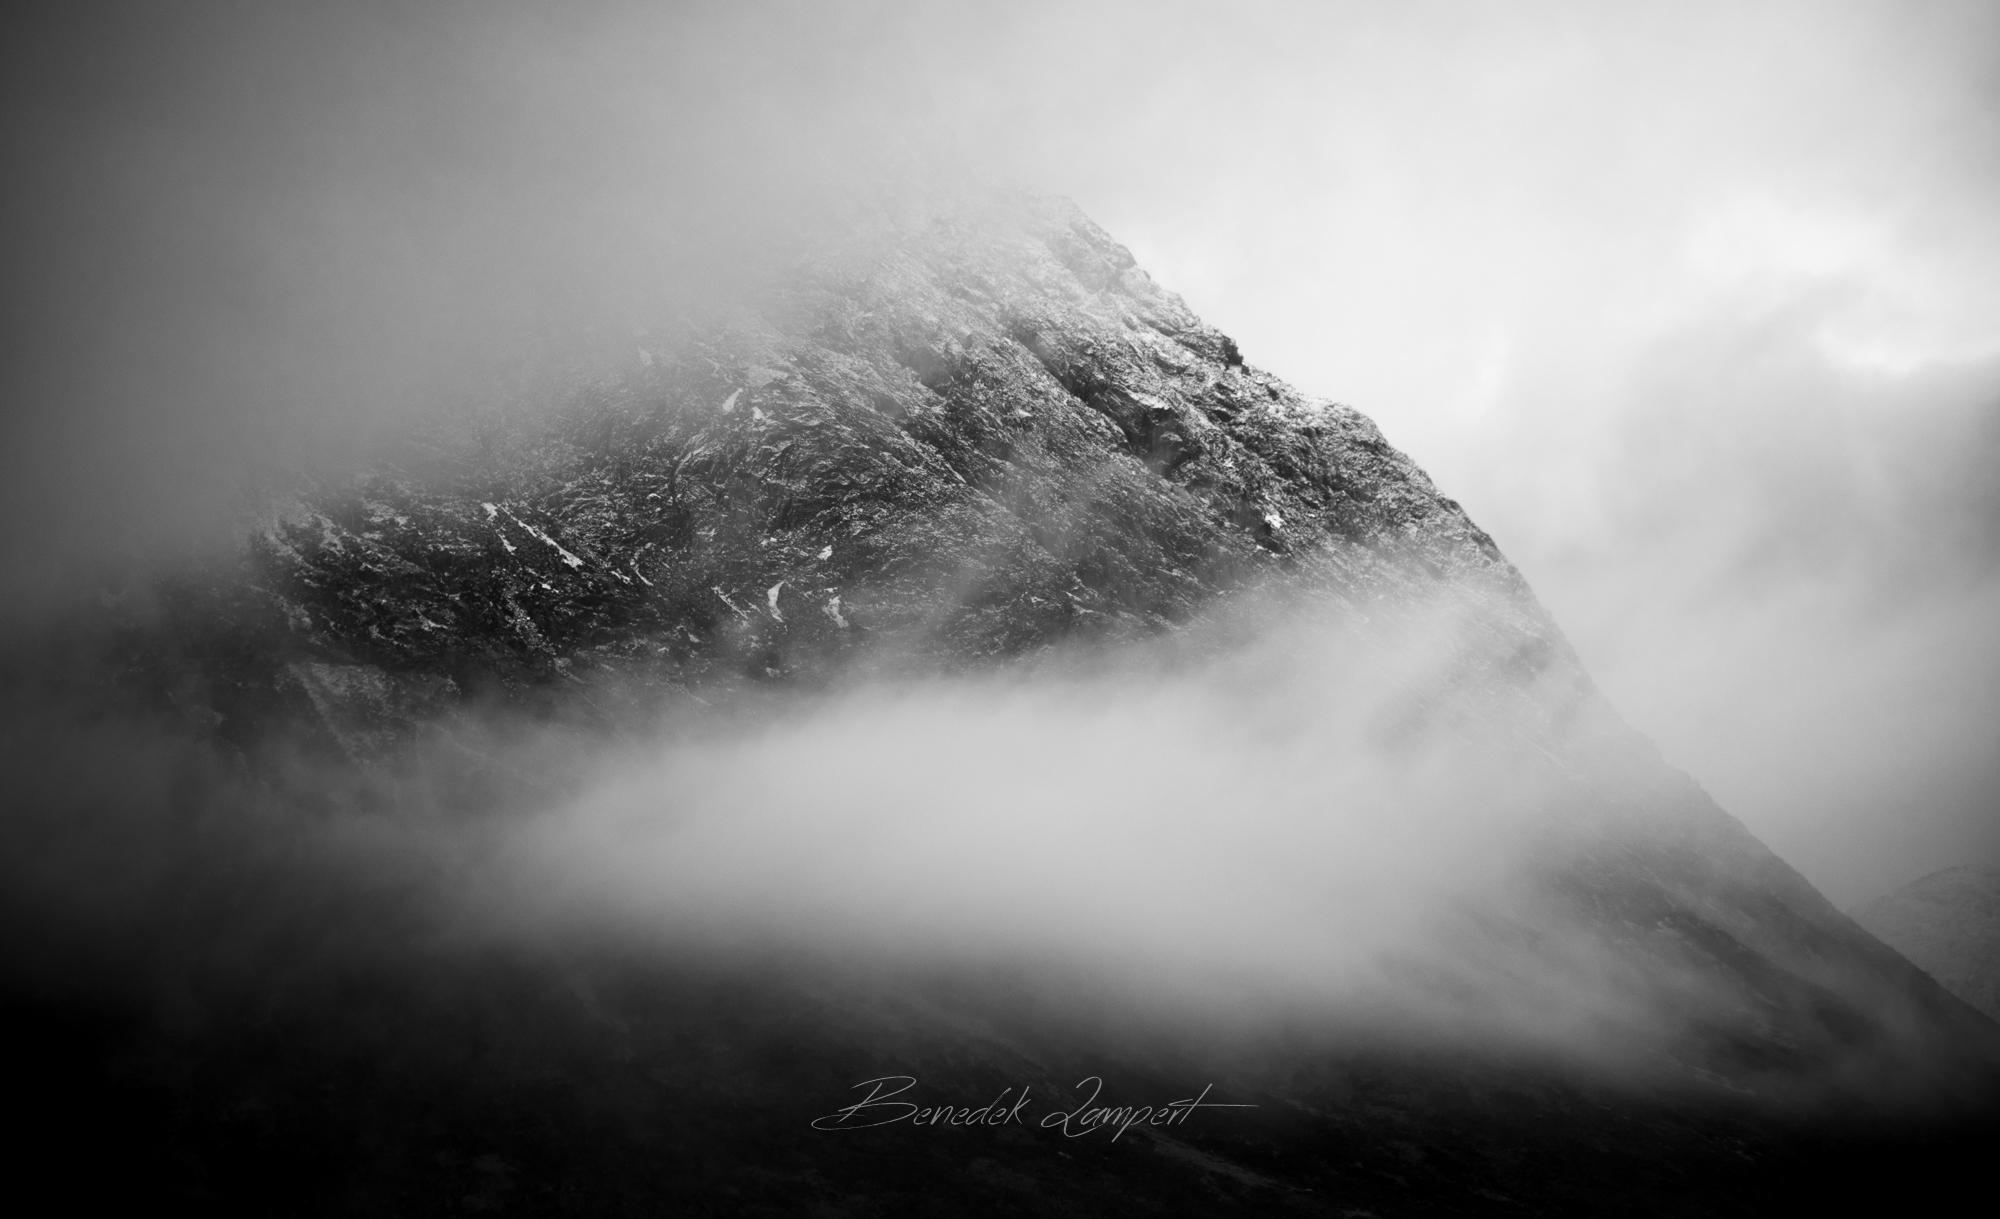 benedek_lampert_fog_bw_2.jpg